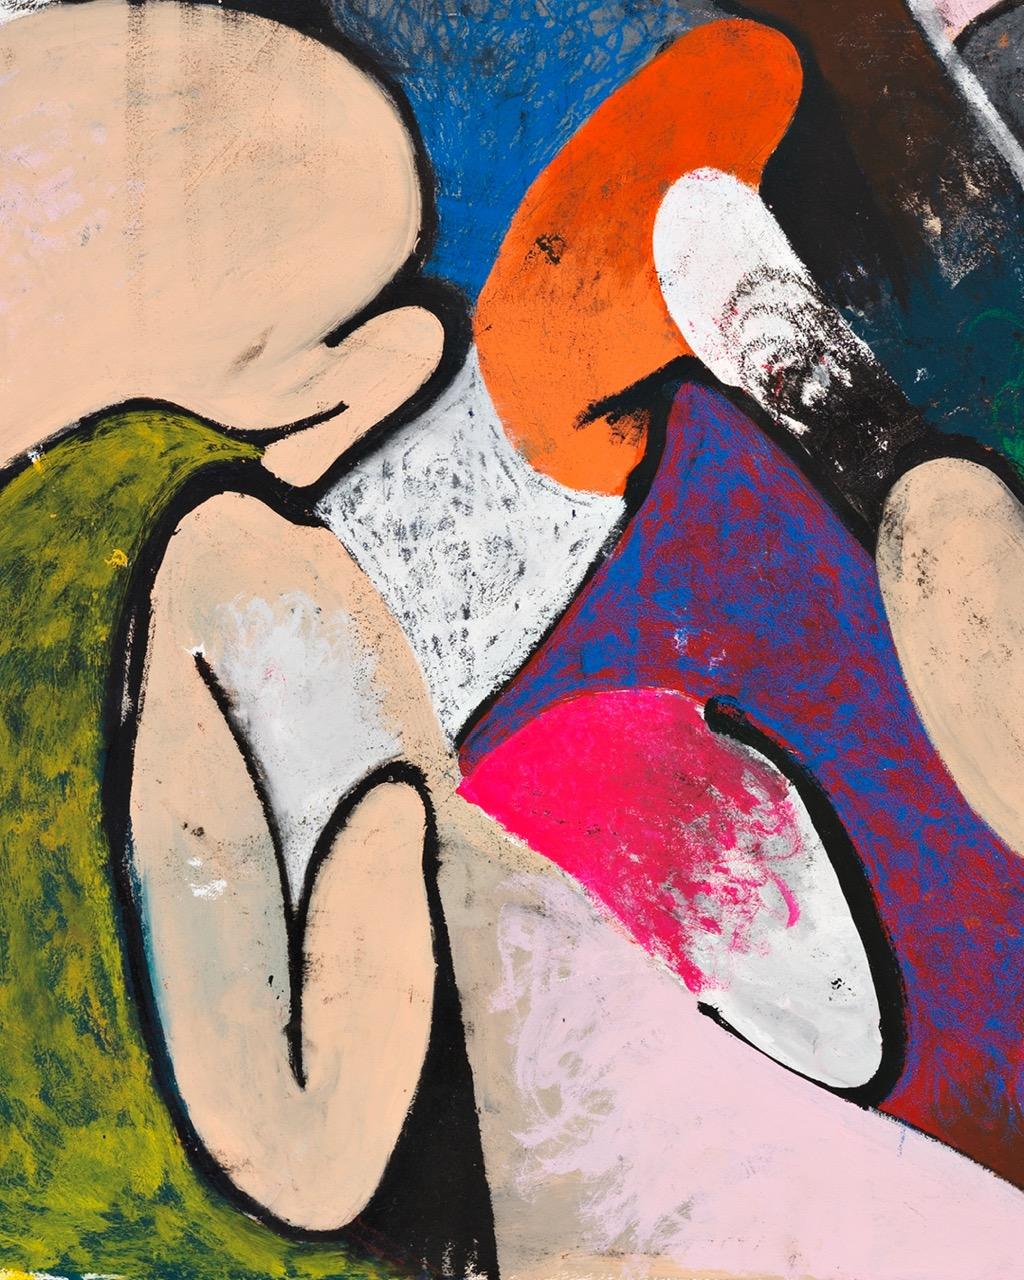 Reginald Sylvester Pace Prints AM  - 4 (1)